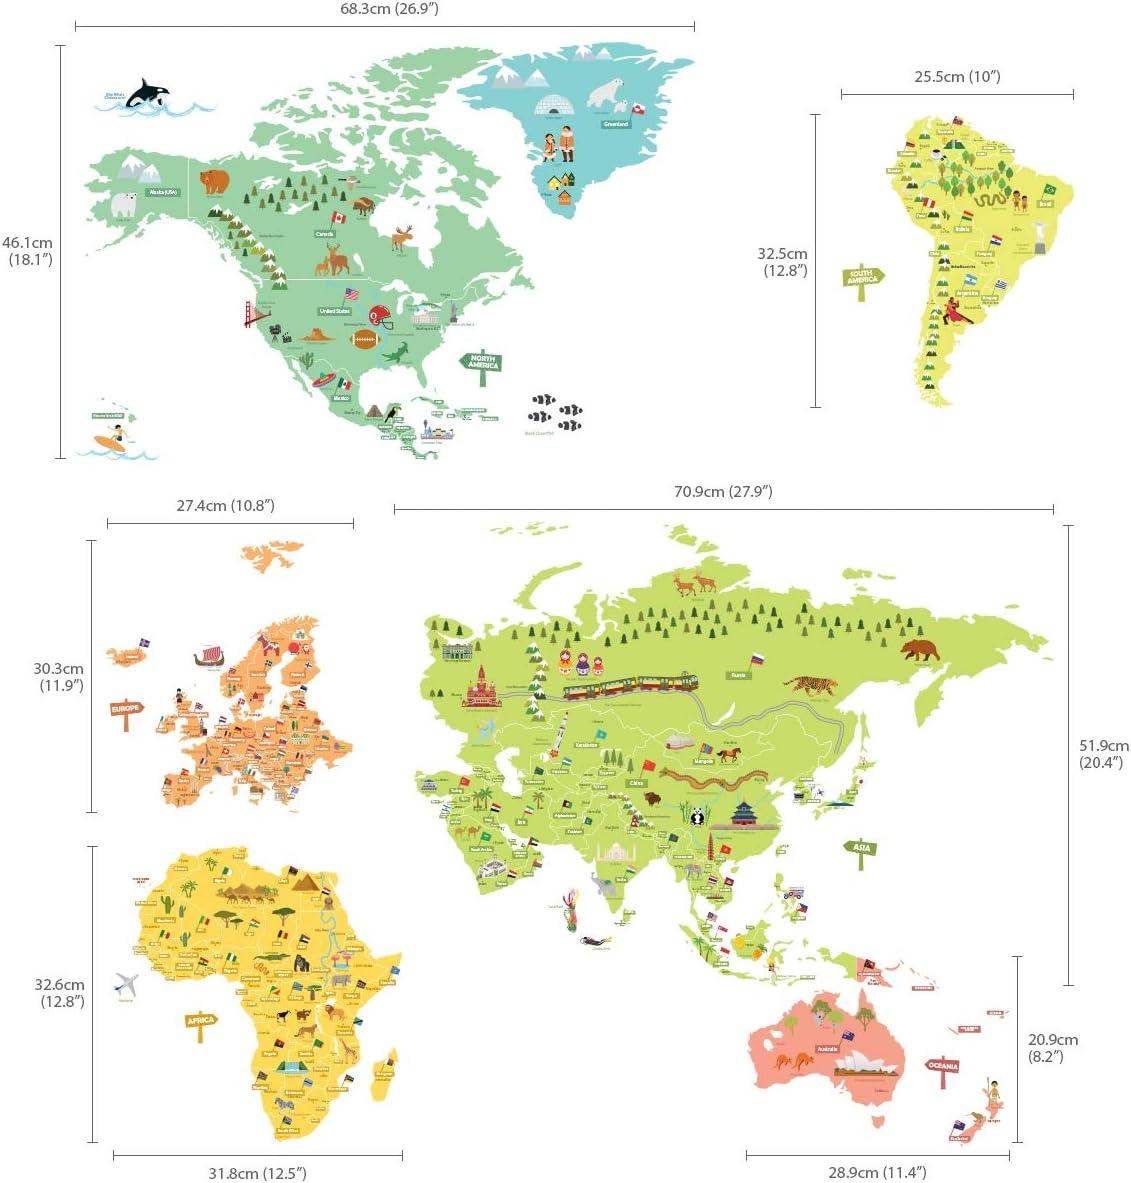 Extra Grandede DECOWALL DLT-1616N Mapamundi de Color Vinilo Pegatinas Decorativas Adhesiva Pared Dormitorio Sal/ón Guarder/ía Habitaci/ón Infantiles Ni/ños Beb/és English Ver.